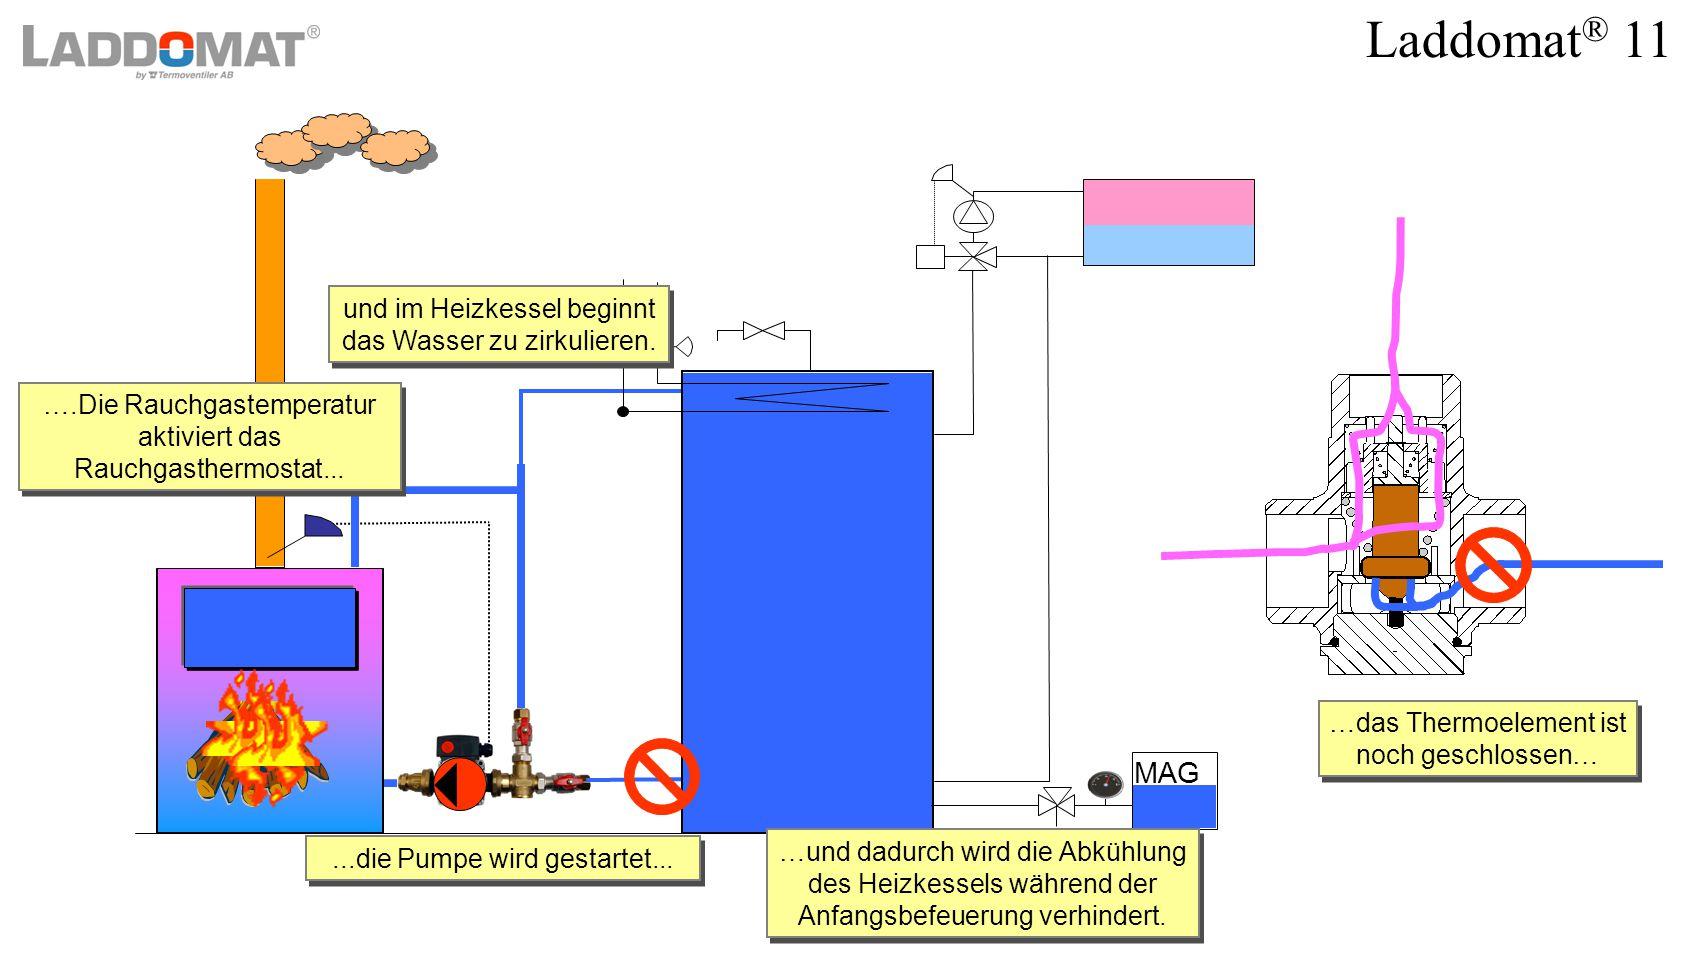 Laddomat ® 11 MAG...die Pumpe wird gestartet......die Pumpe wird gestartet... …und dadurch wird die Abkühlung des Heizkessels während der Anfangsbefeu